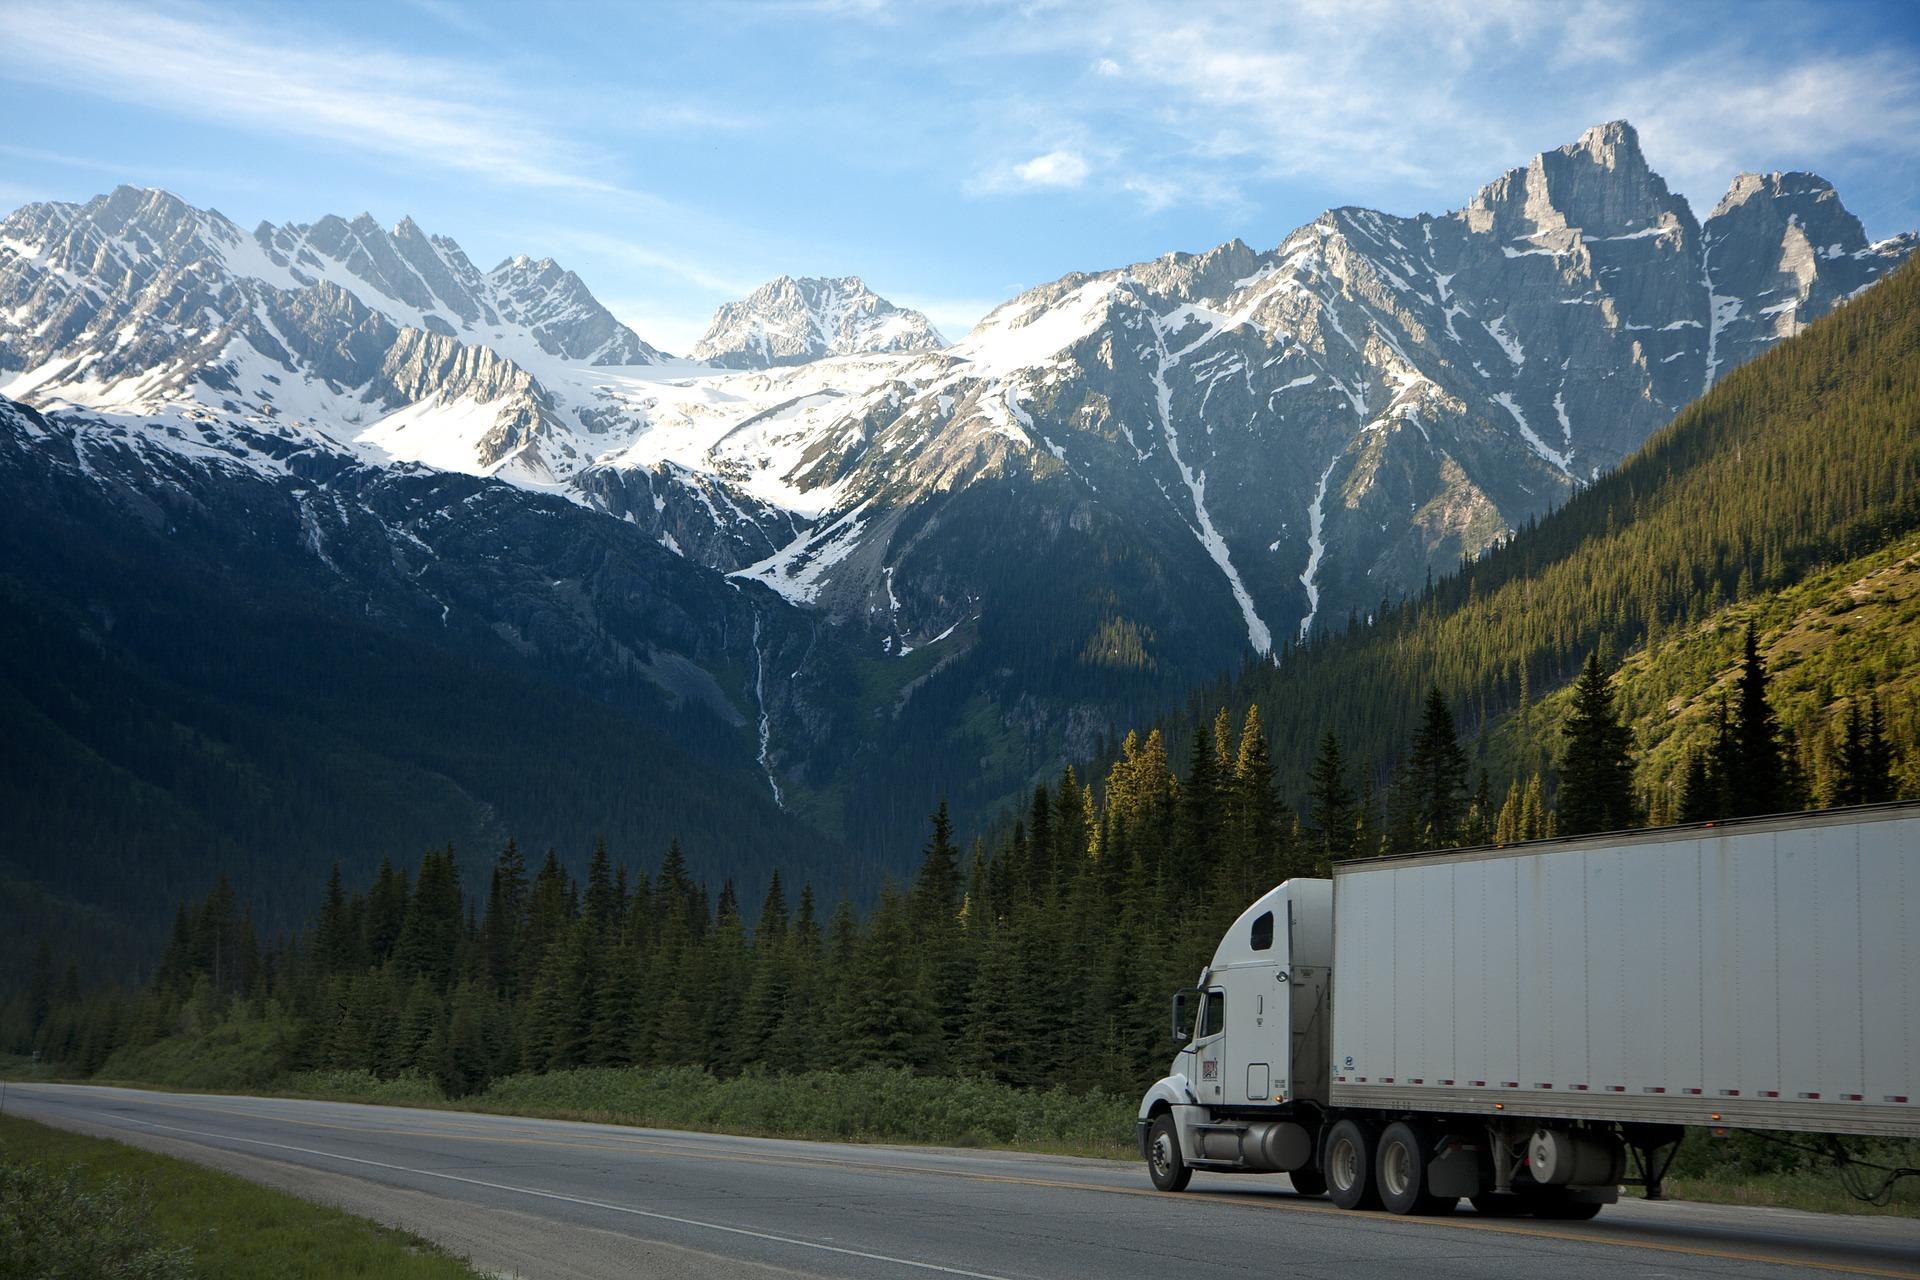 Gracias transportistas: un vídeo que homenajea a los profesionales del transporte